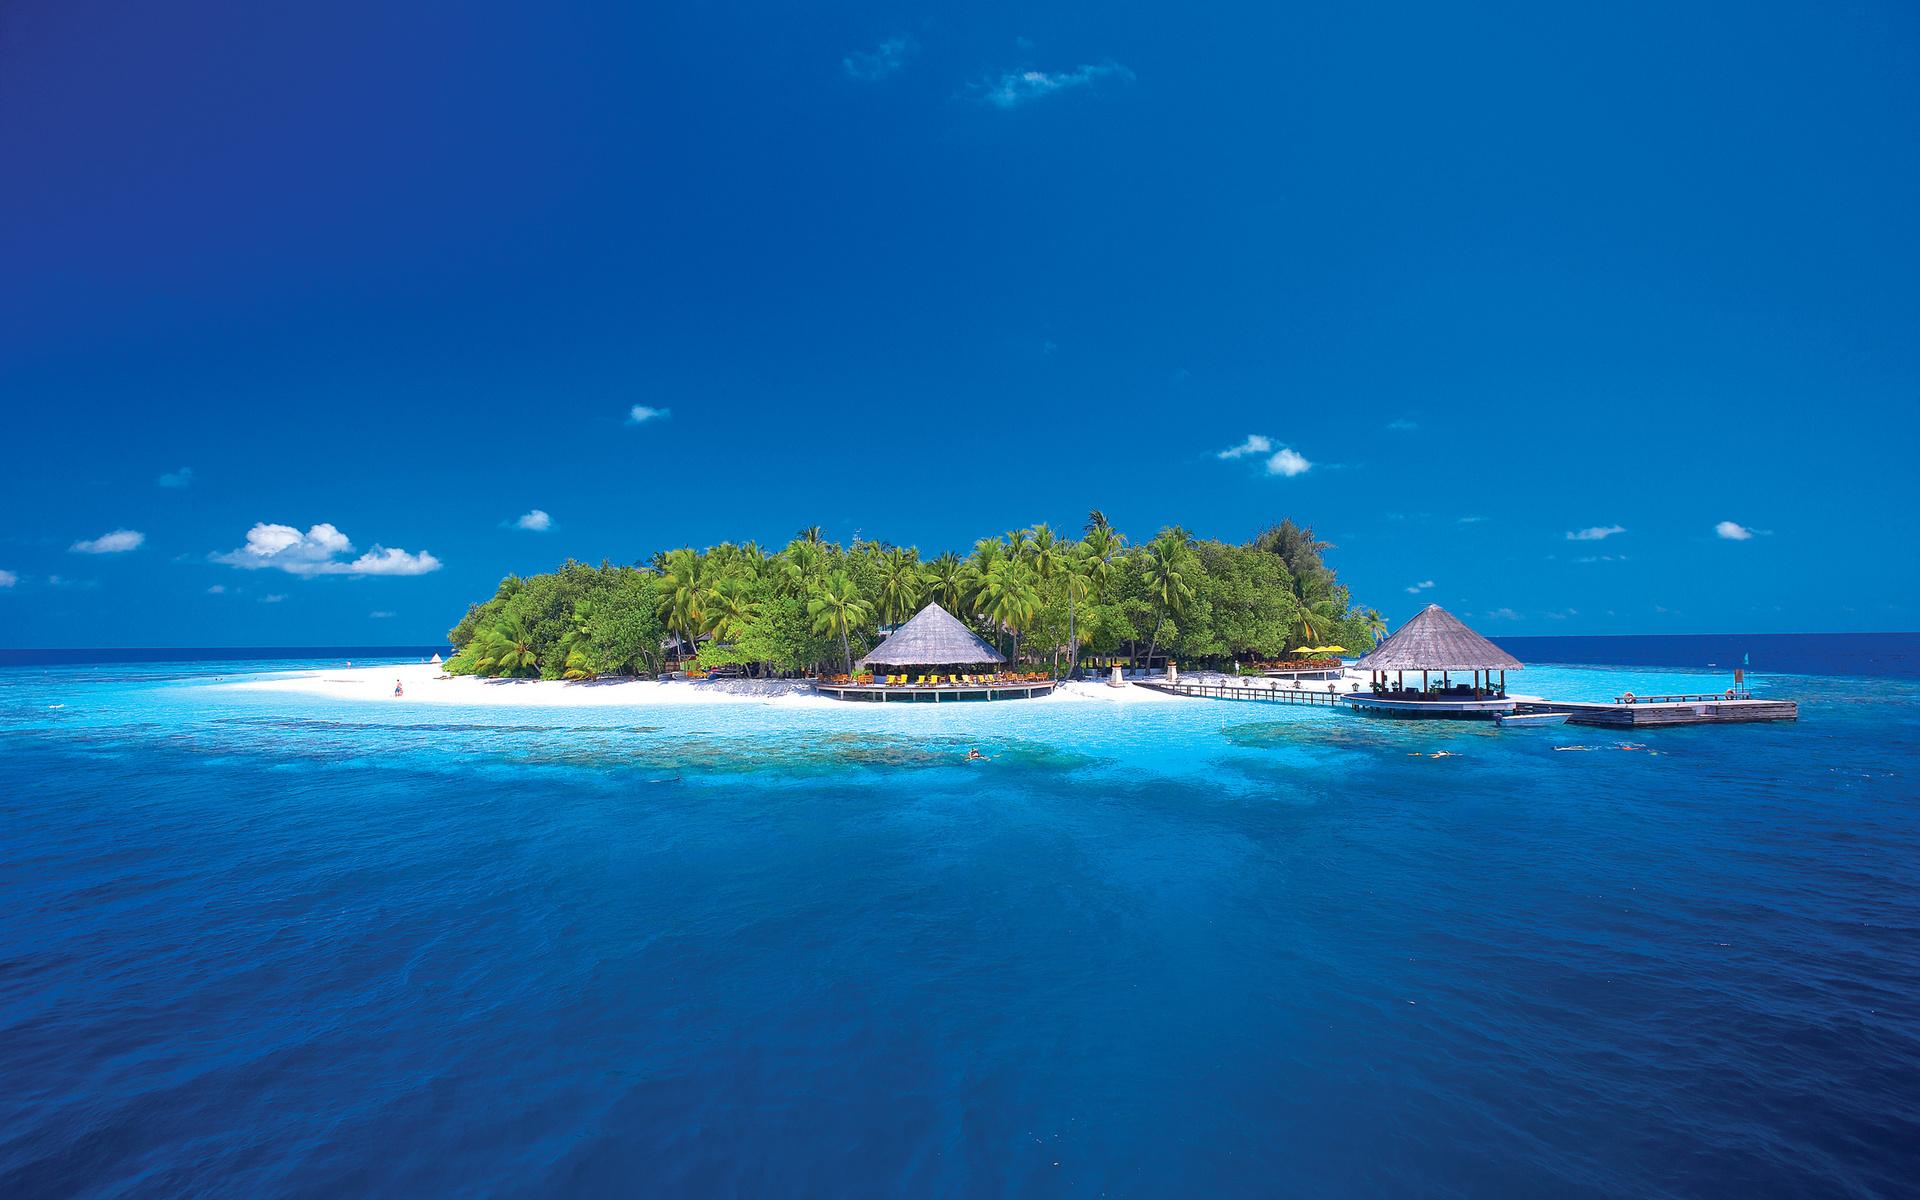 Картинки островов в океане